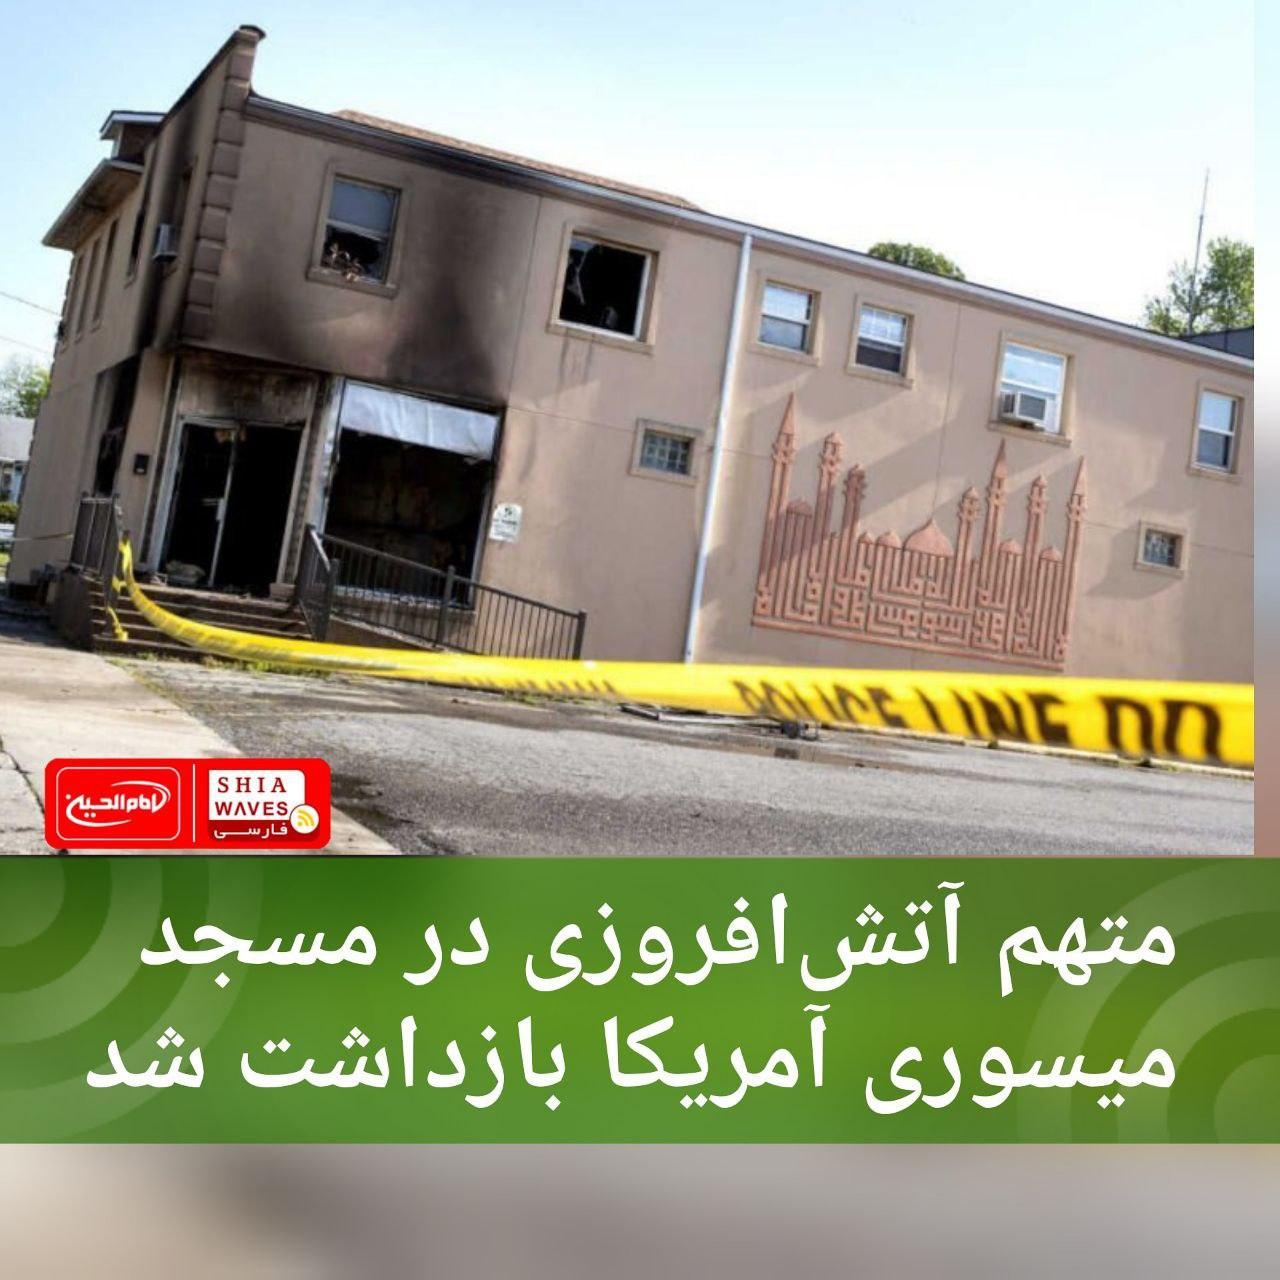 تصویر متهم آتشافروزی در مسجد میسوری آمریکا بازداشت شد